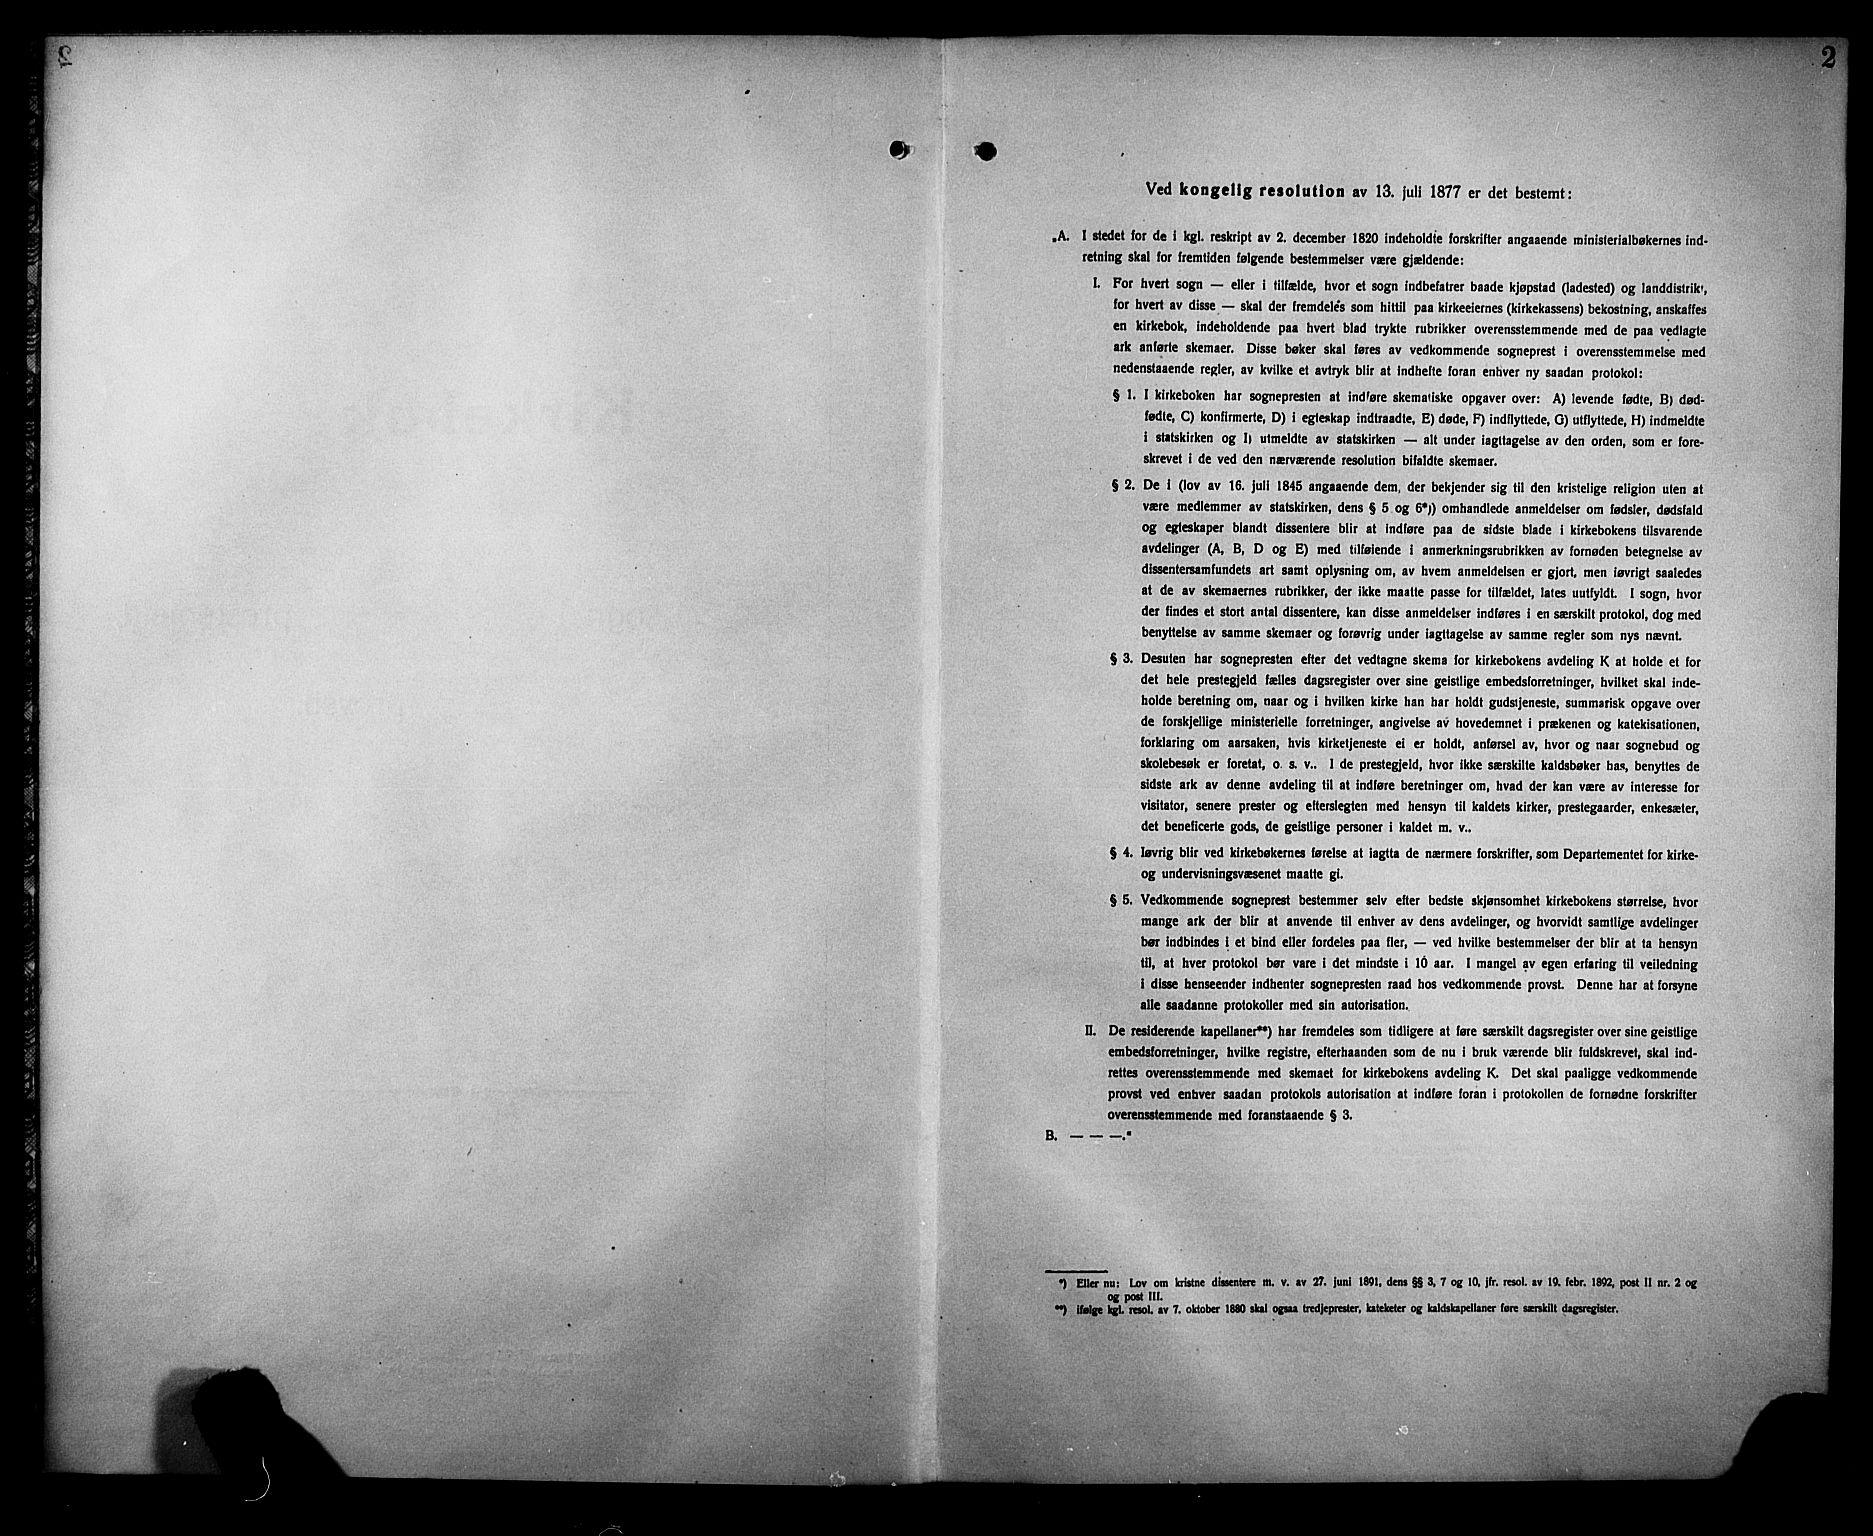 SAKO, Rjukan kirkebøker, G/Ga/L0004: Klokkerbok nr. 4, 1923-1932, s. 2